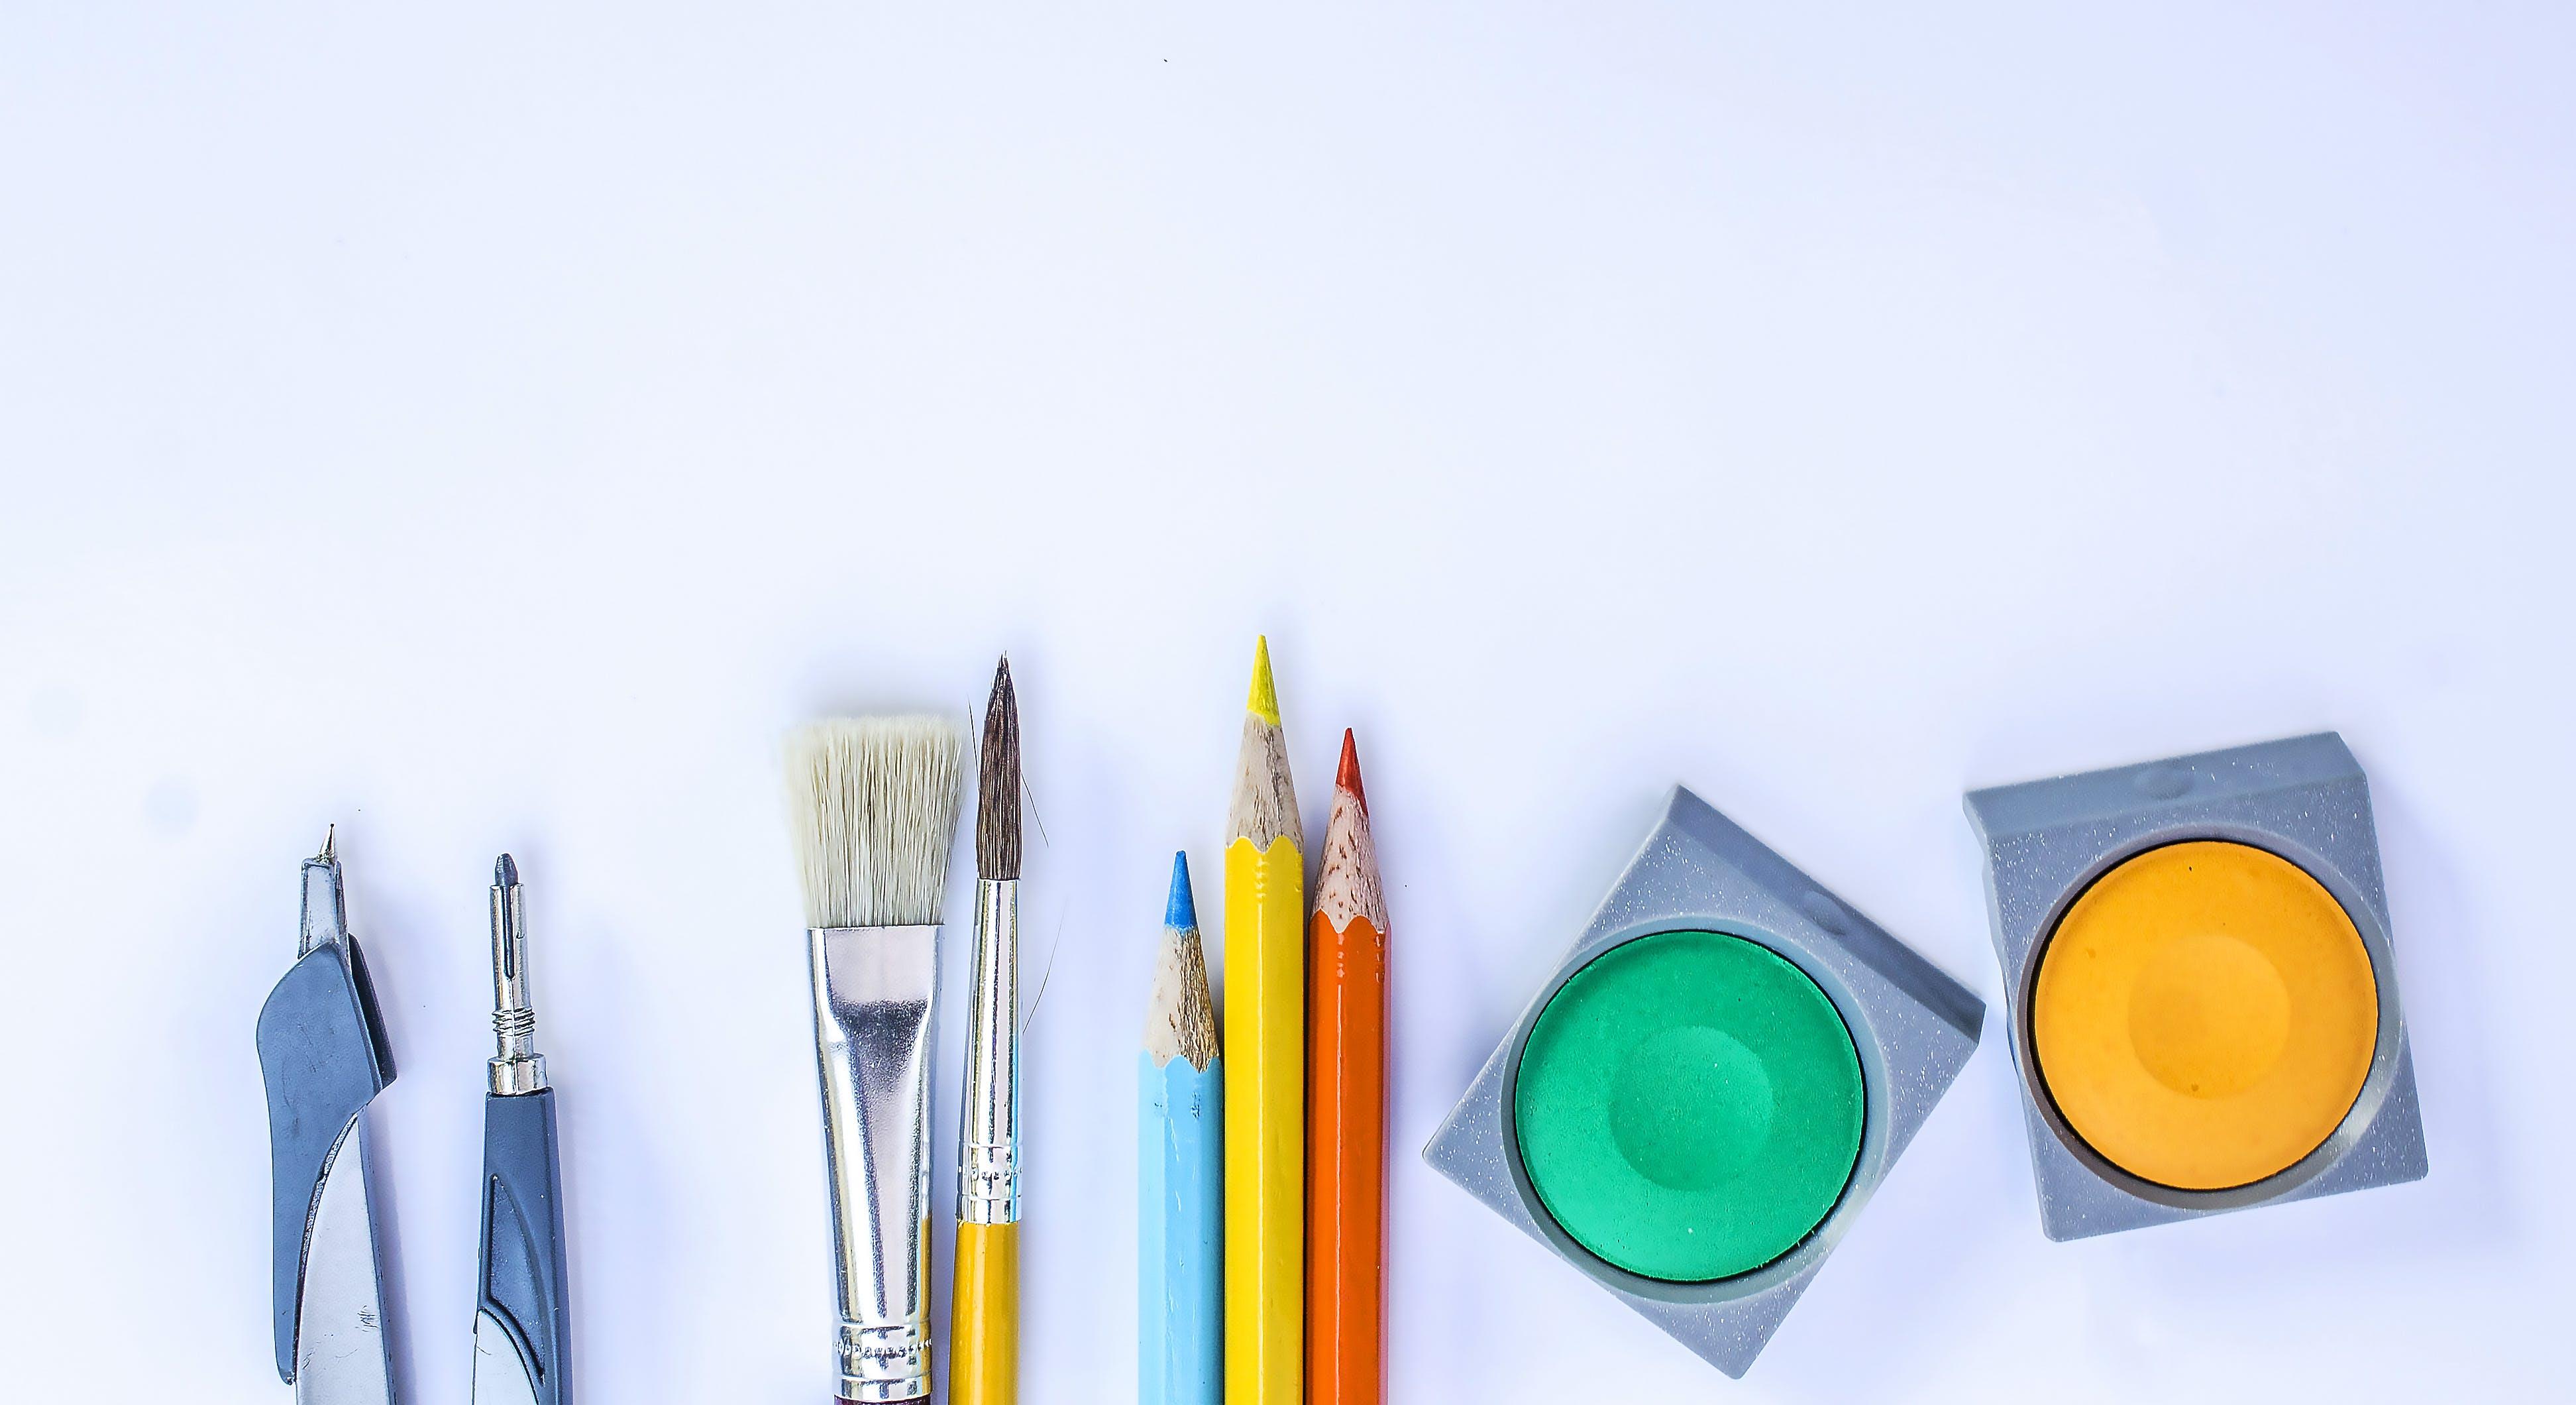 Coloring Materials